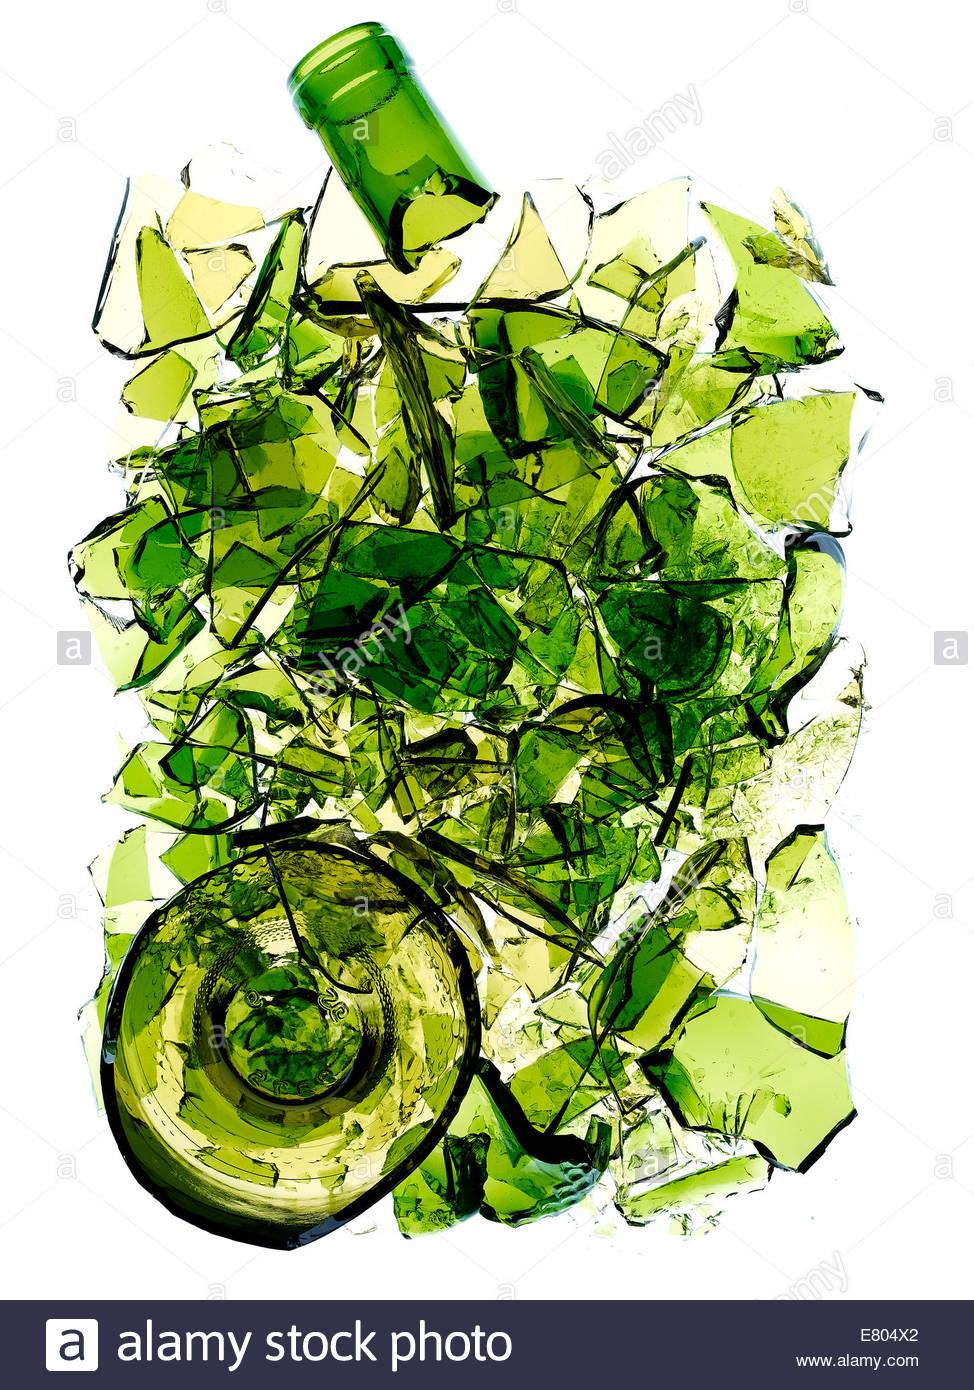 zerbrochene & gebrochene grüne Farbe Flasche vor weißem Hintergrund Stockbild